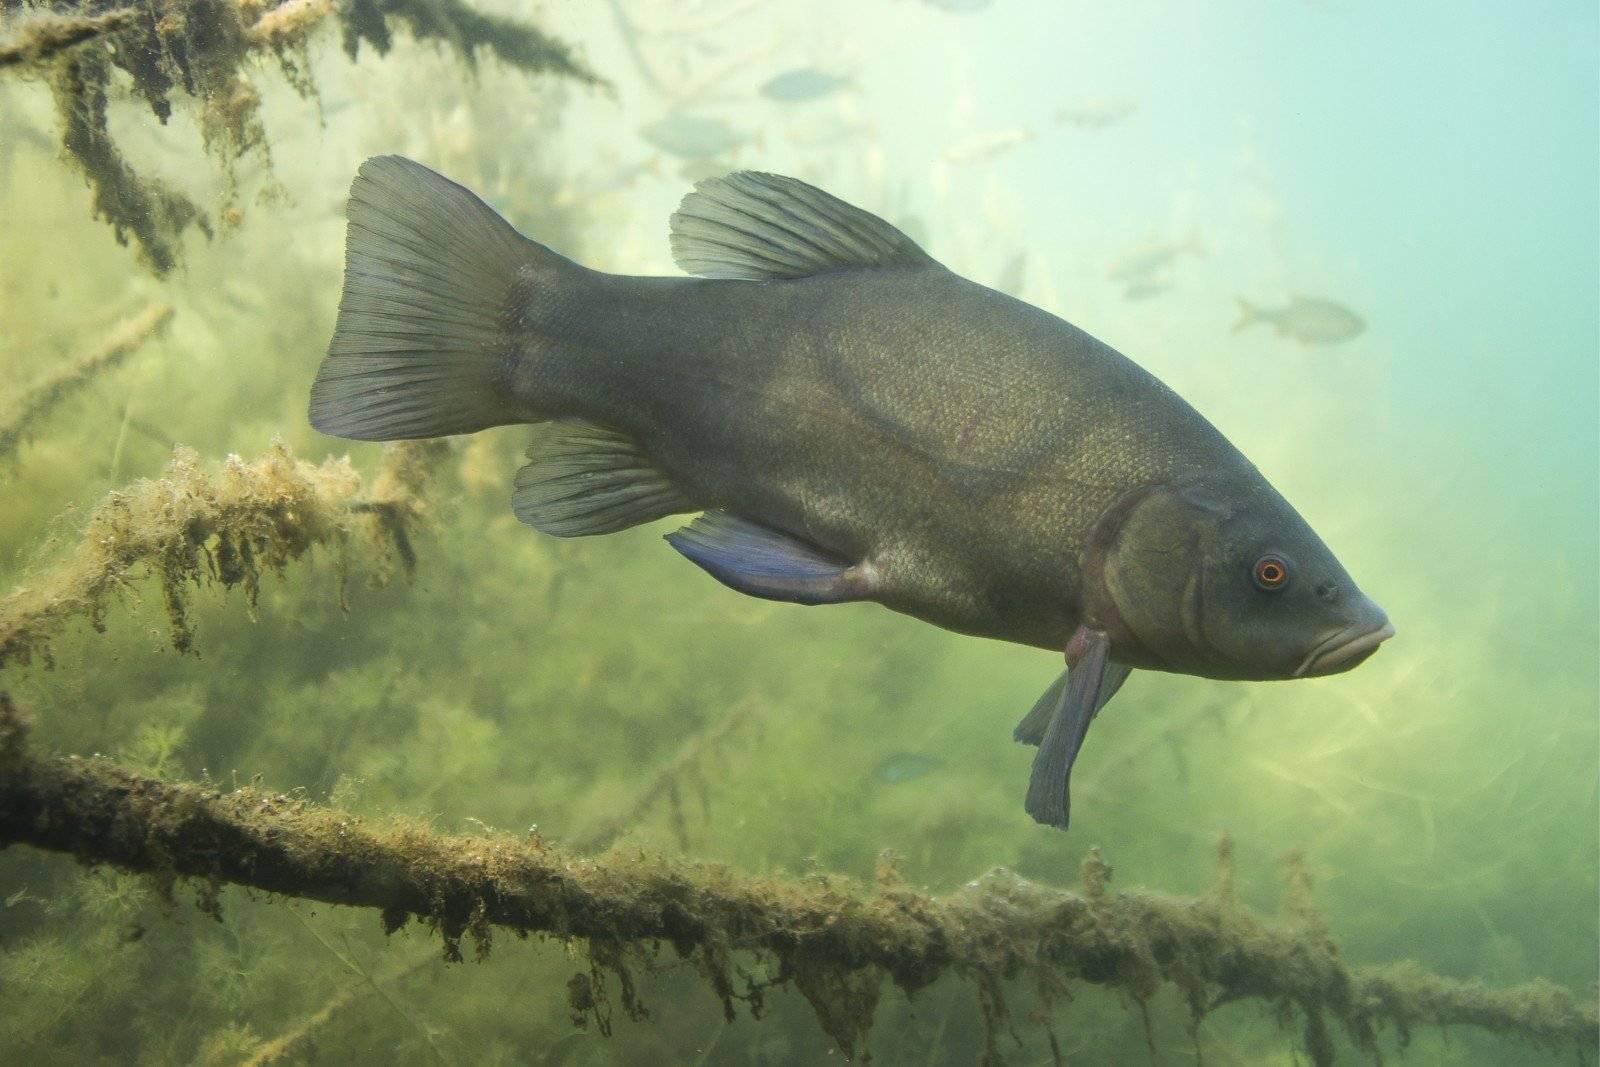 Линь рыба: на что клюет, как выглядит, где обитает